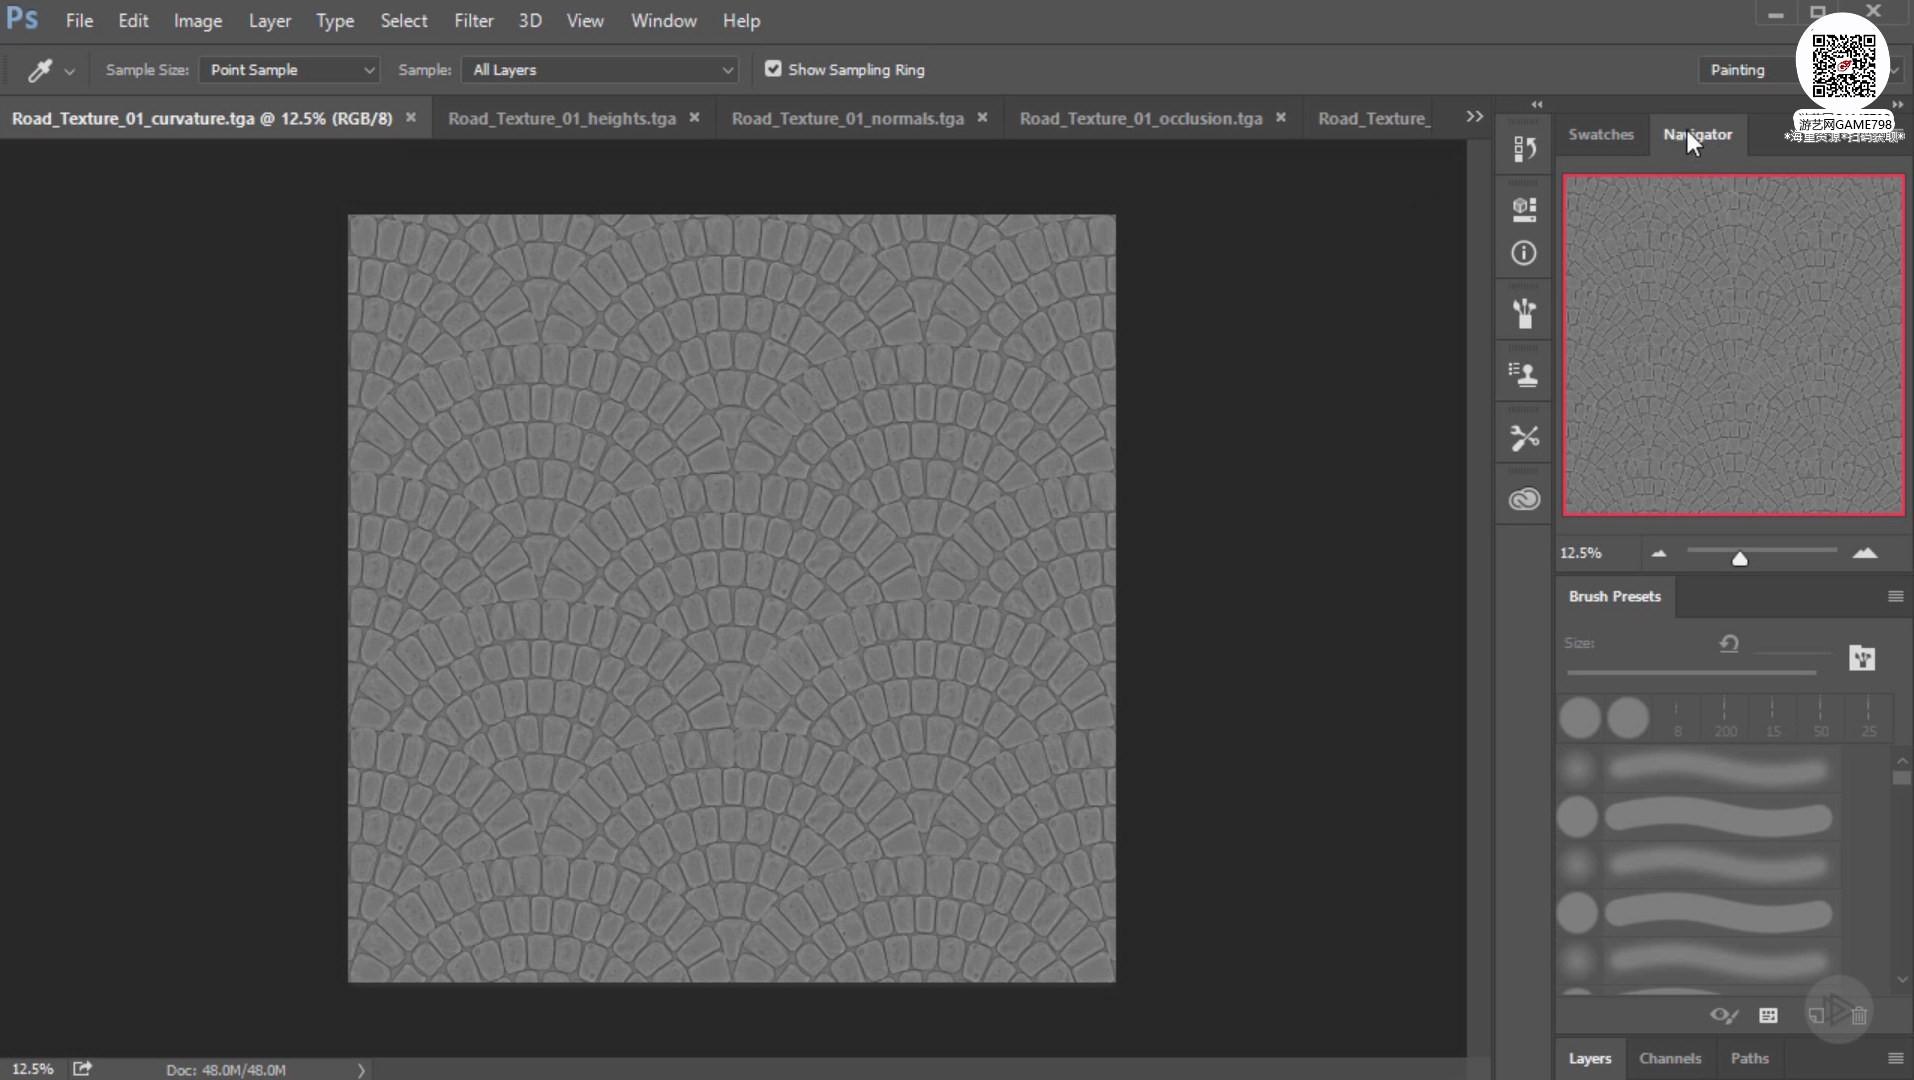 019_关注-游艺网GAME798海量资源下载ZBrush无缝贴图创建教程.jpg